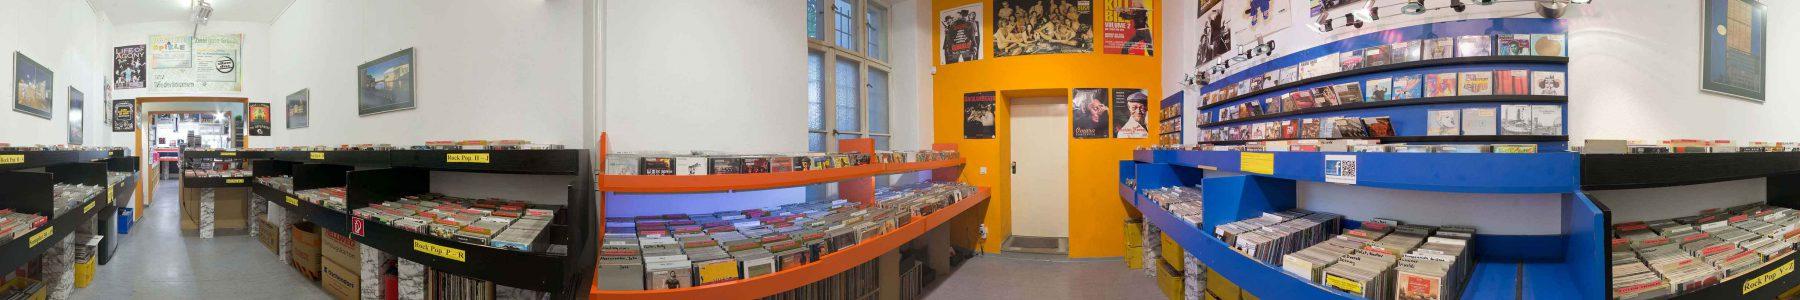 Panorama von Silver Disc - zweiter Verkaufsraum - Foto: Ralf A. Hanke